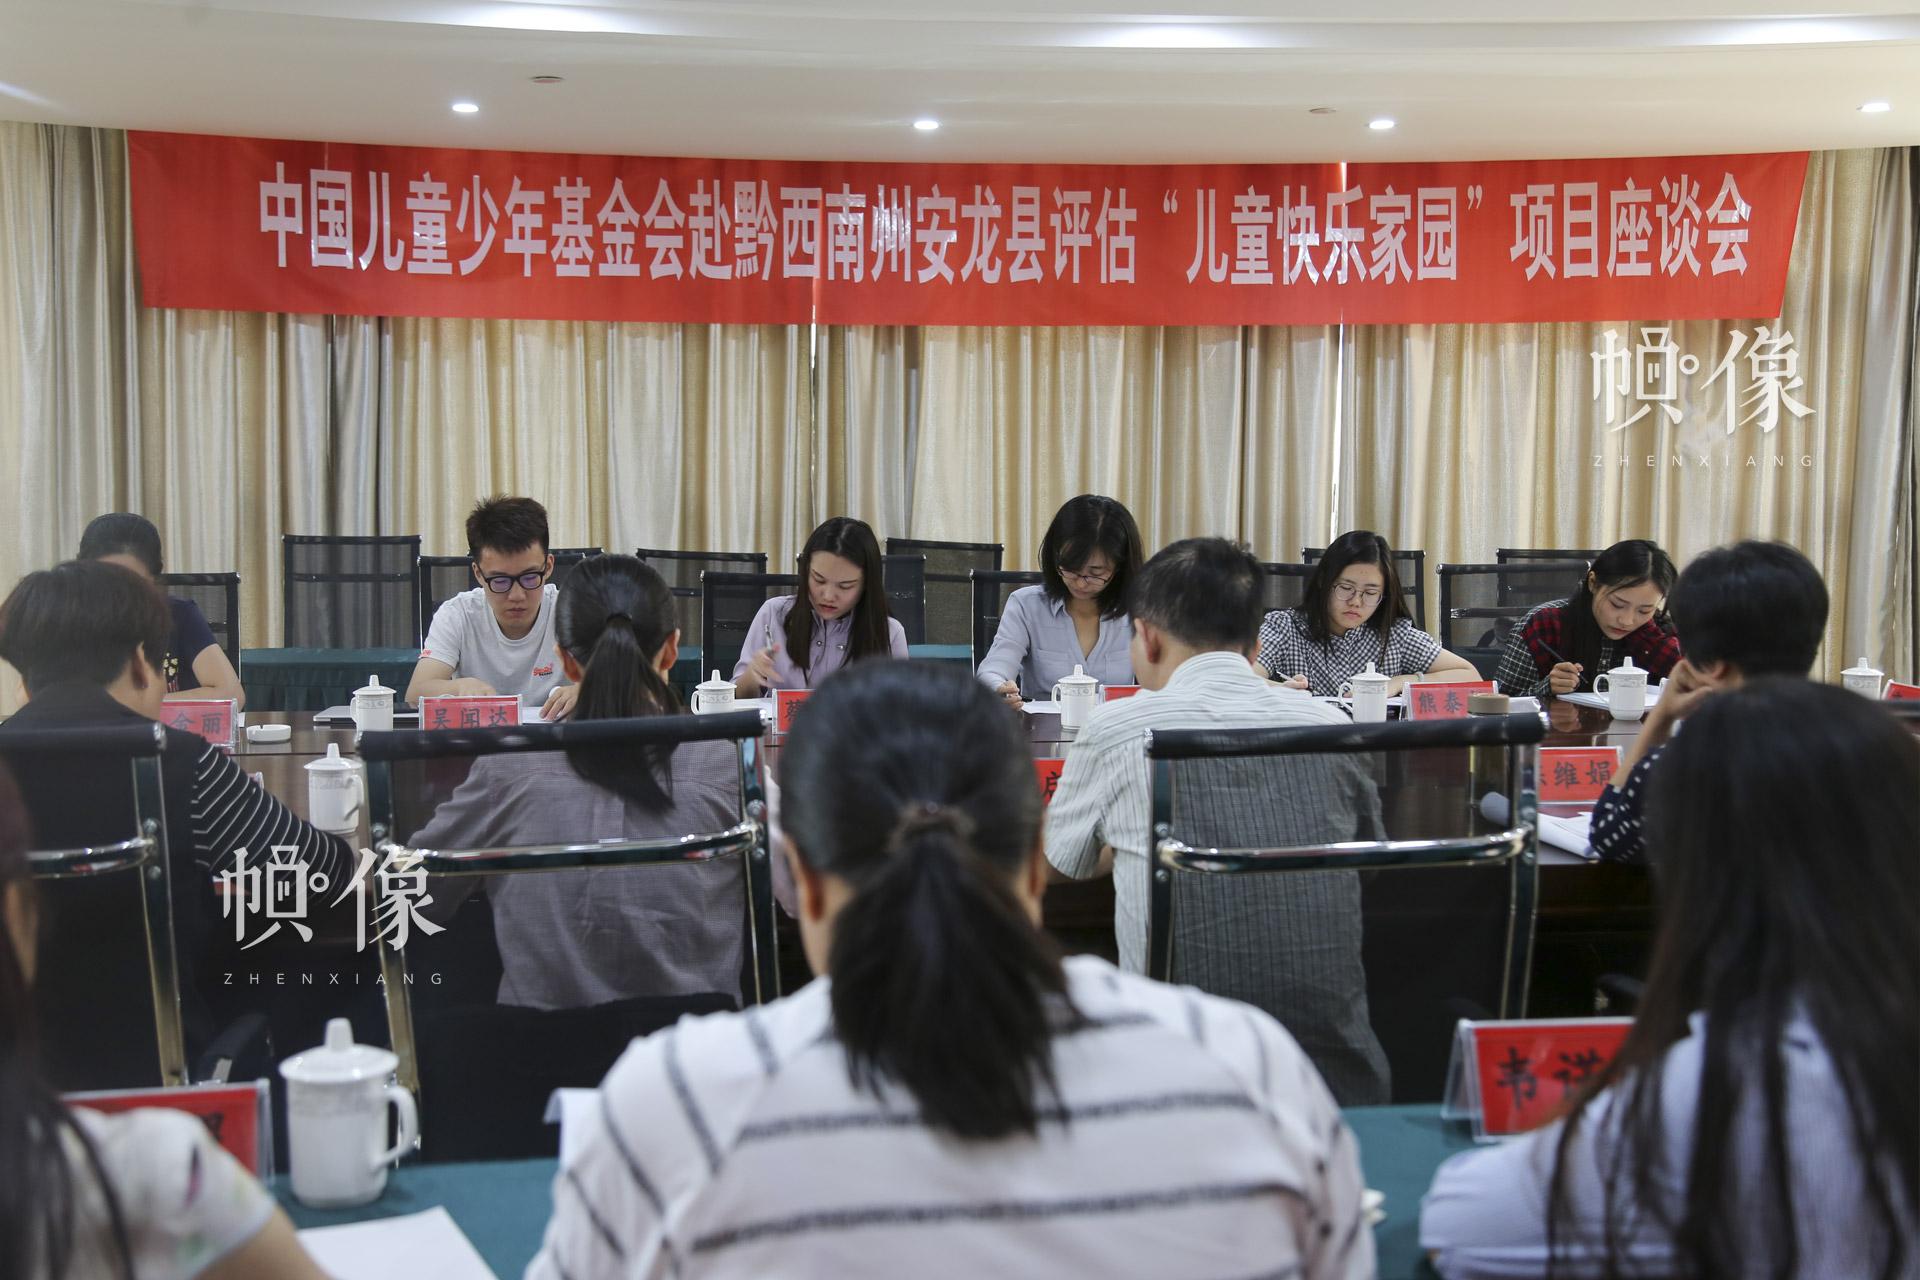 """2017年9月11日,贵州省安龙县,中国儿童少年基金会赴黔西南安龙县评估""""儿童快乐家园""""项目座谈会现场。中国网记者 黄富友 摄"""